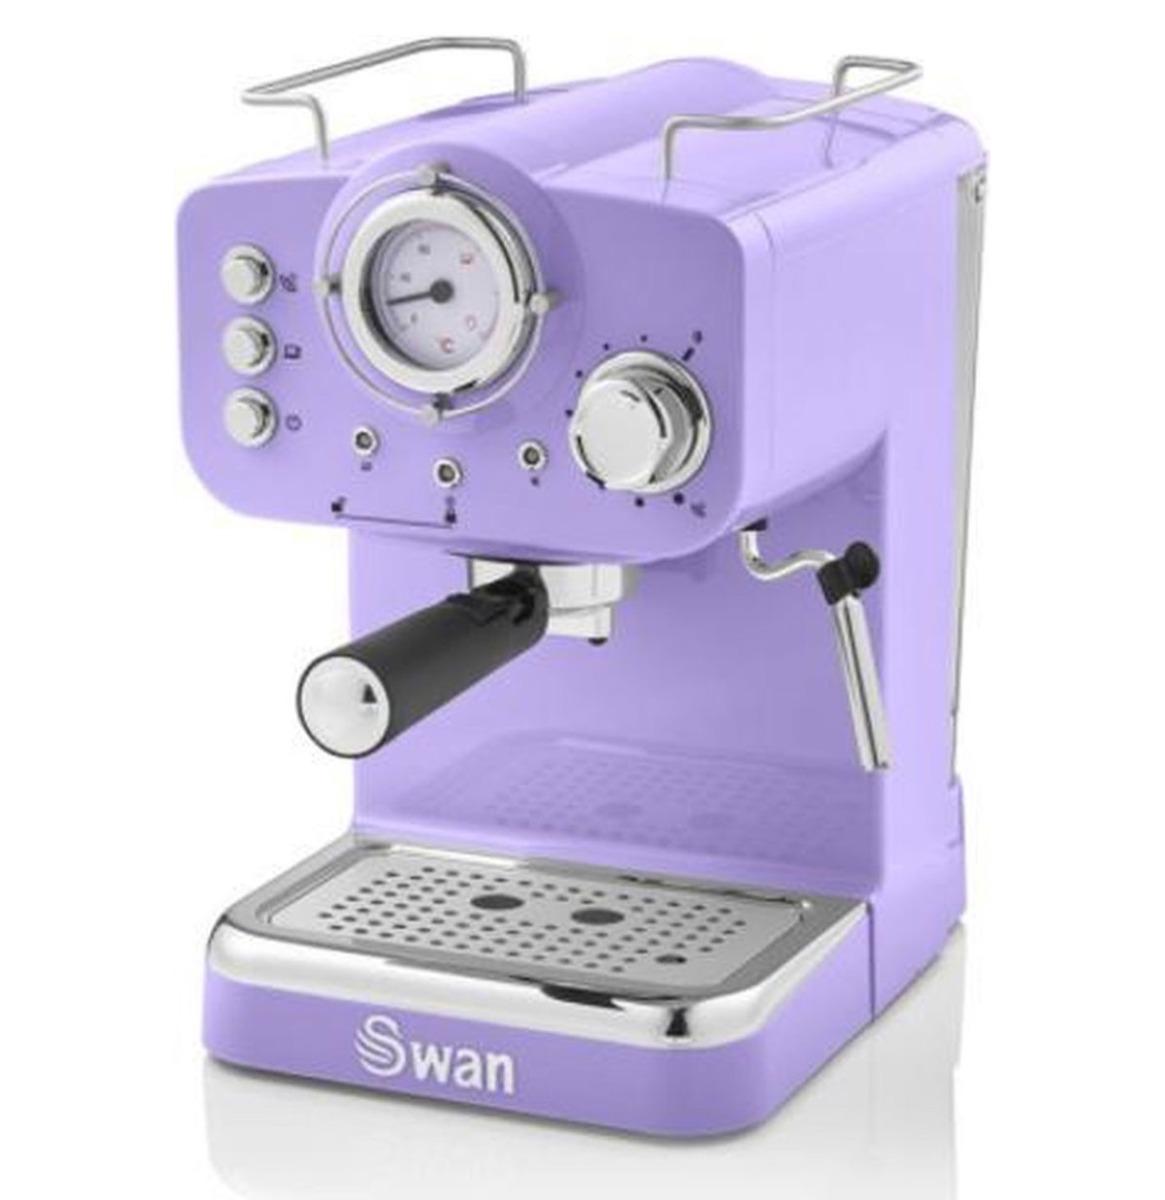 Swan Retro Pump Espresso Koffie Machine - Paars